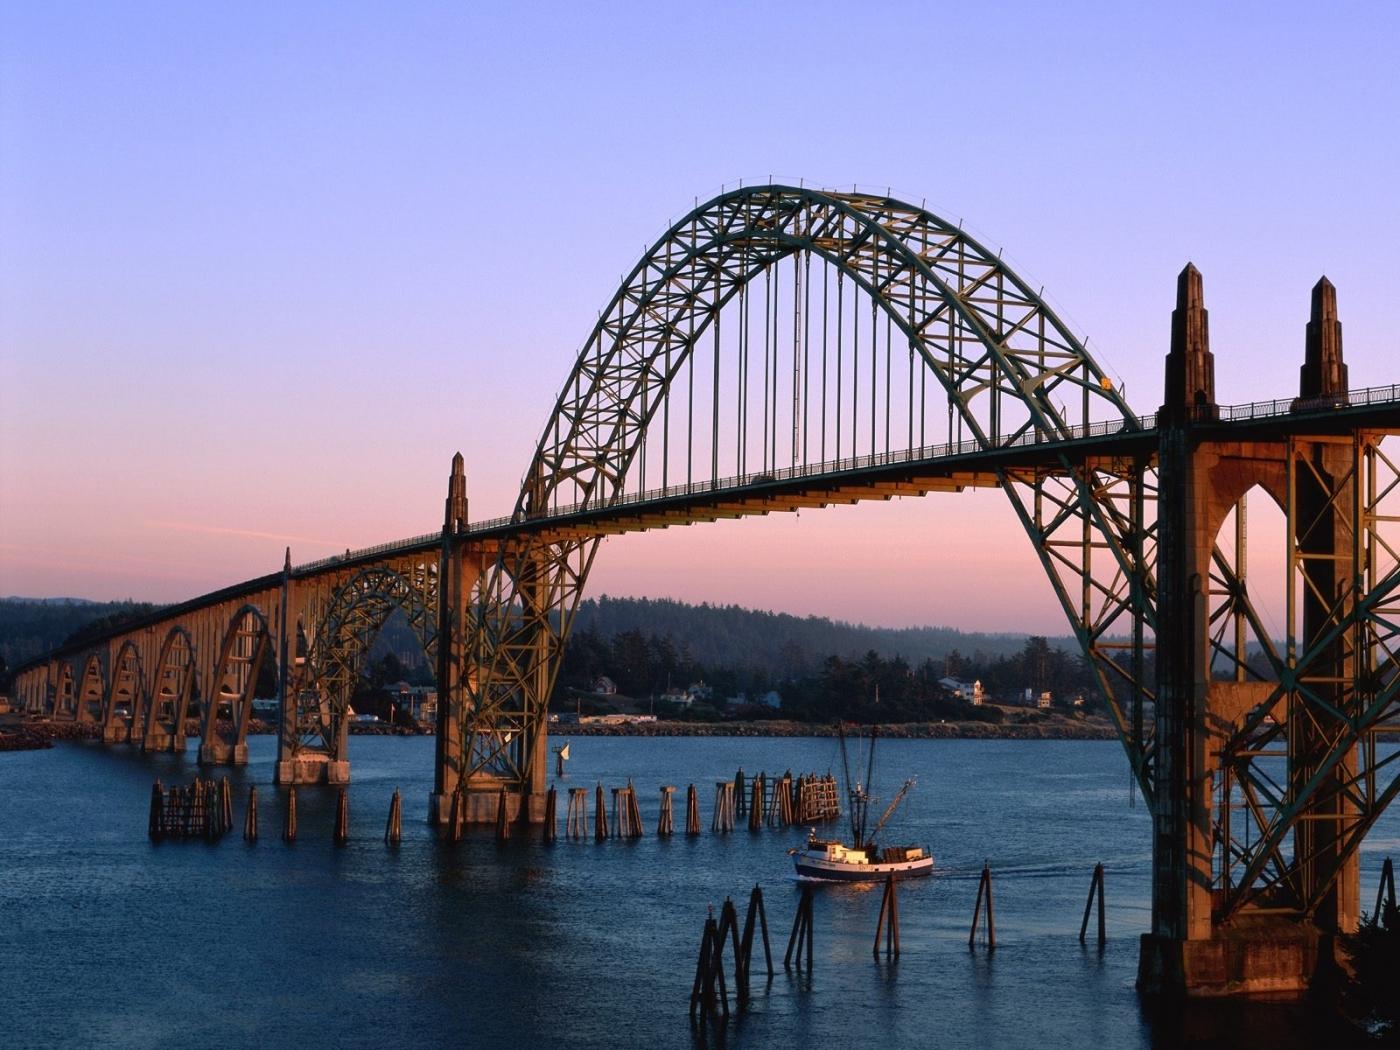 46526 скачать обои Пейзаж, Мосты - заставки и картинки бесплатно